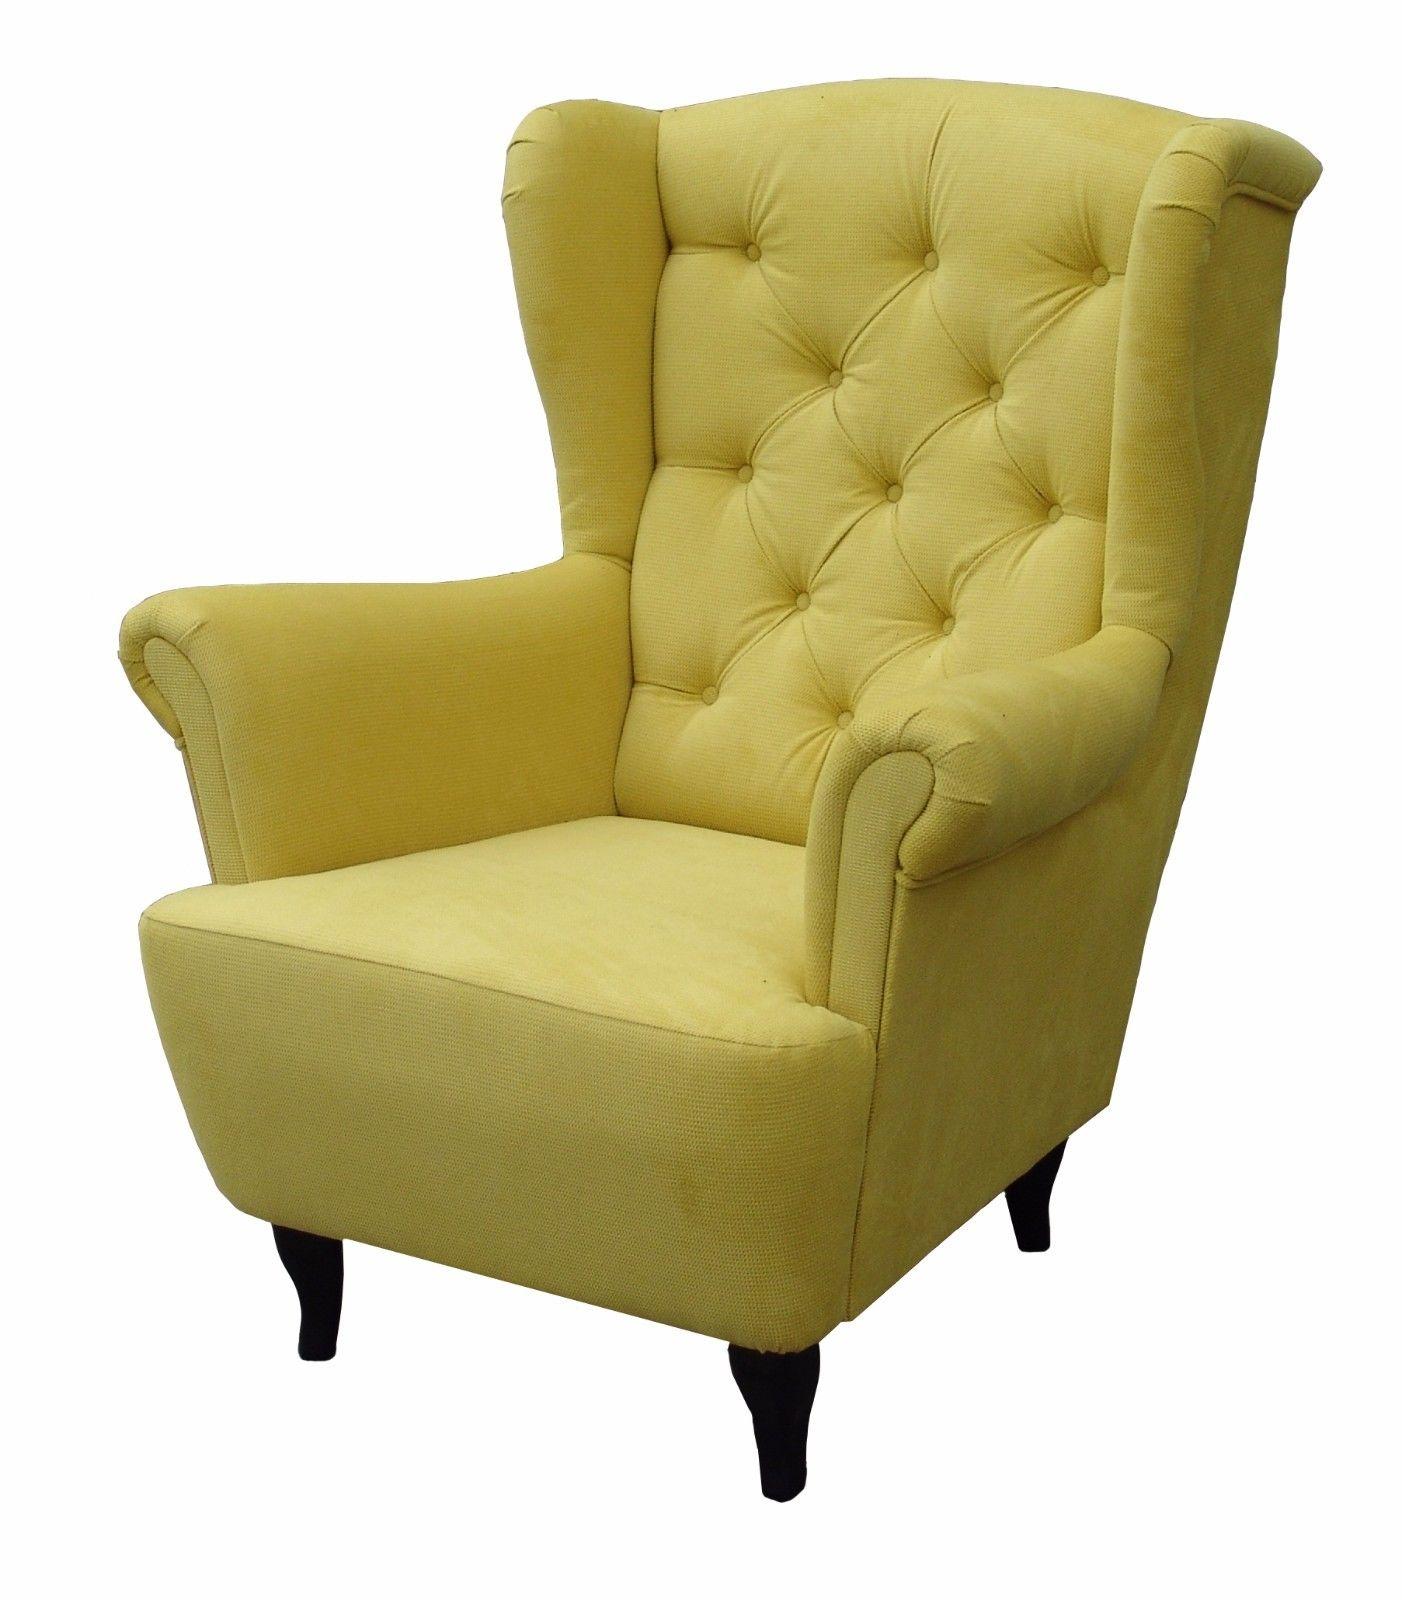 sessel ohrensessel wohnzimmersessel orlando webstoff. Black Bedroom Furniture Sets. Home Design Ideas